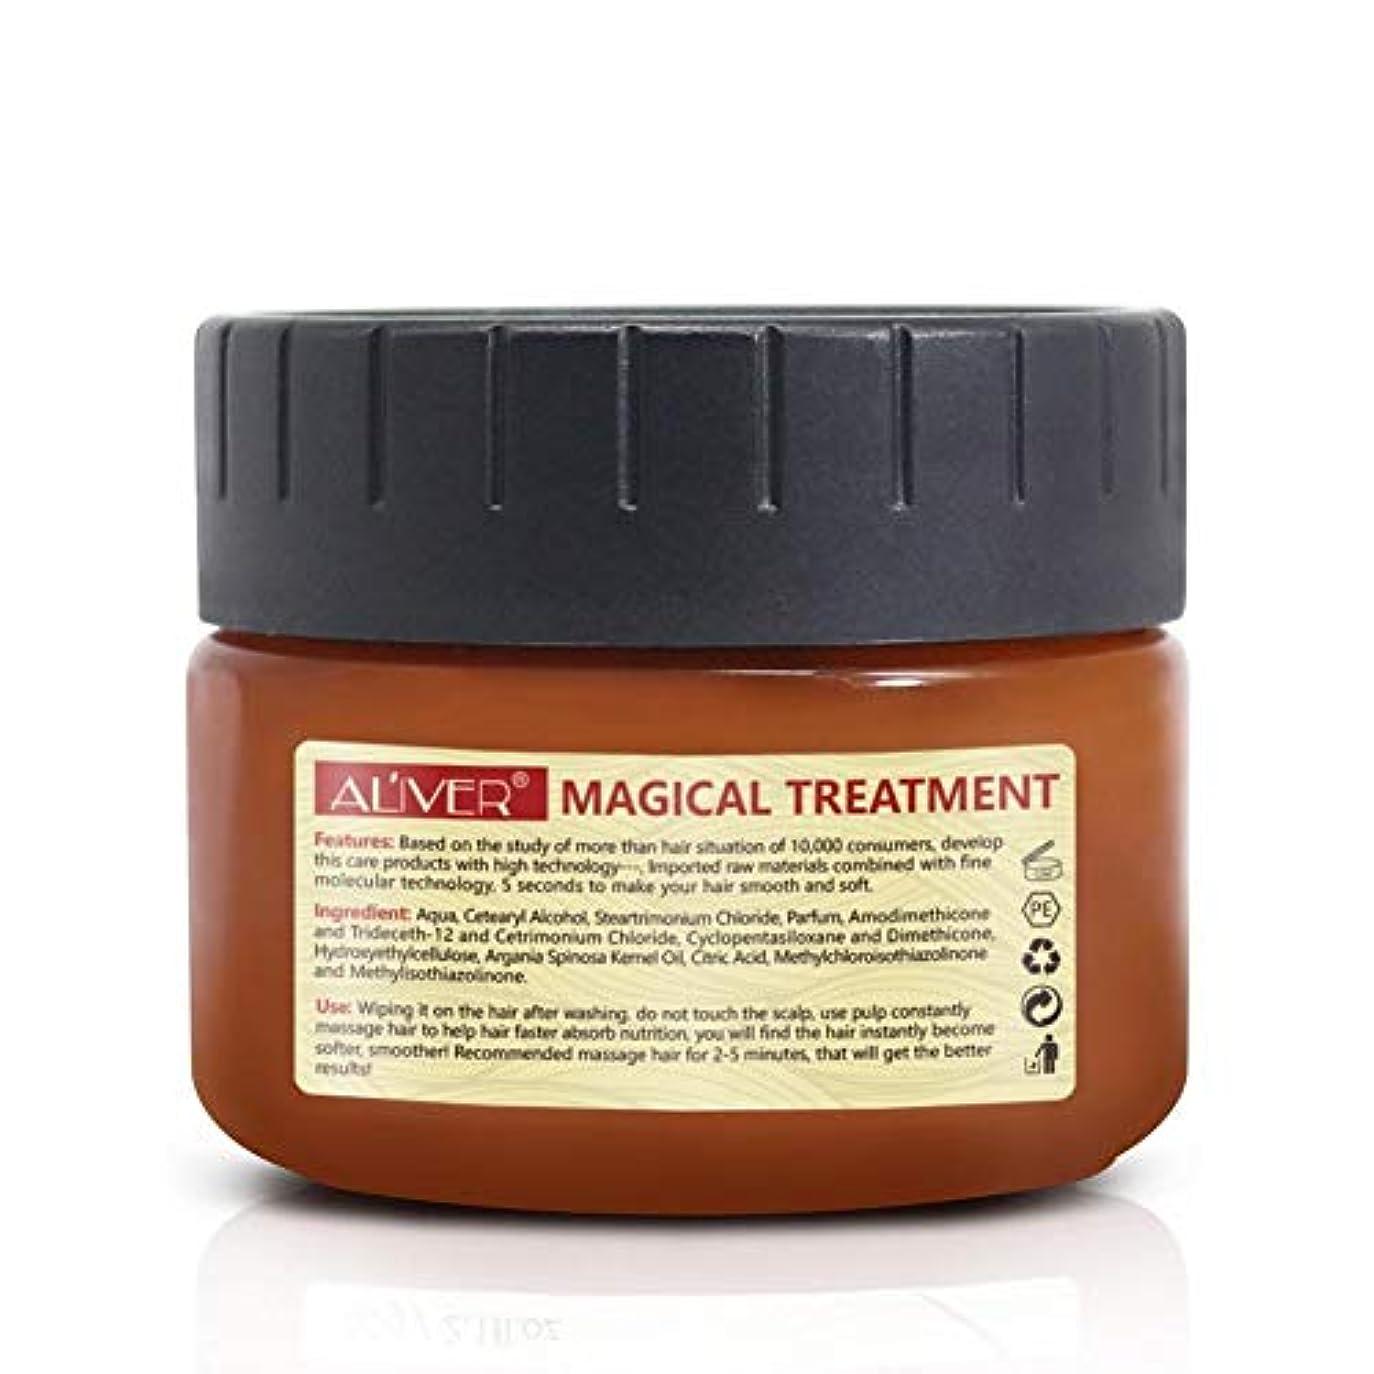 高層ビル途方もない飲料BETTER YOU (ベター ュー) ディープリペアマスク、髪に栄養を与え、乾燥を防ぎ、傷んだ髪を修復し、オイルをコントロールし、ふけを取り除きます